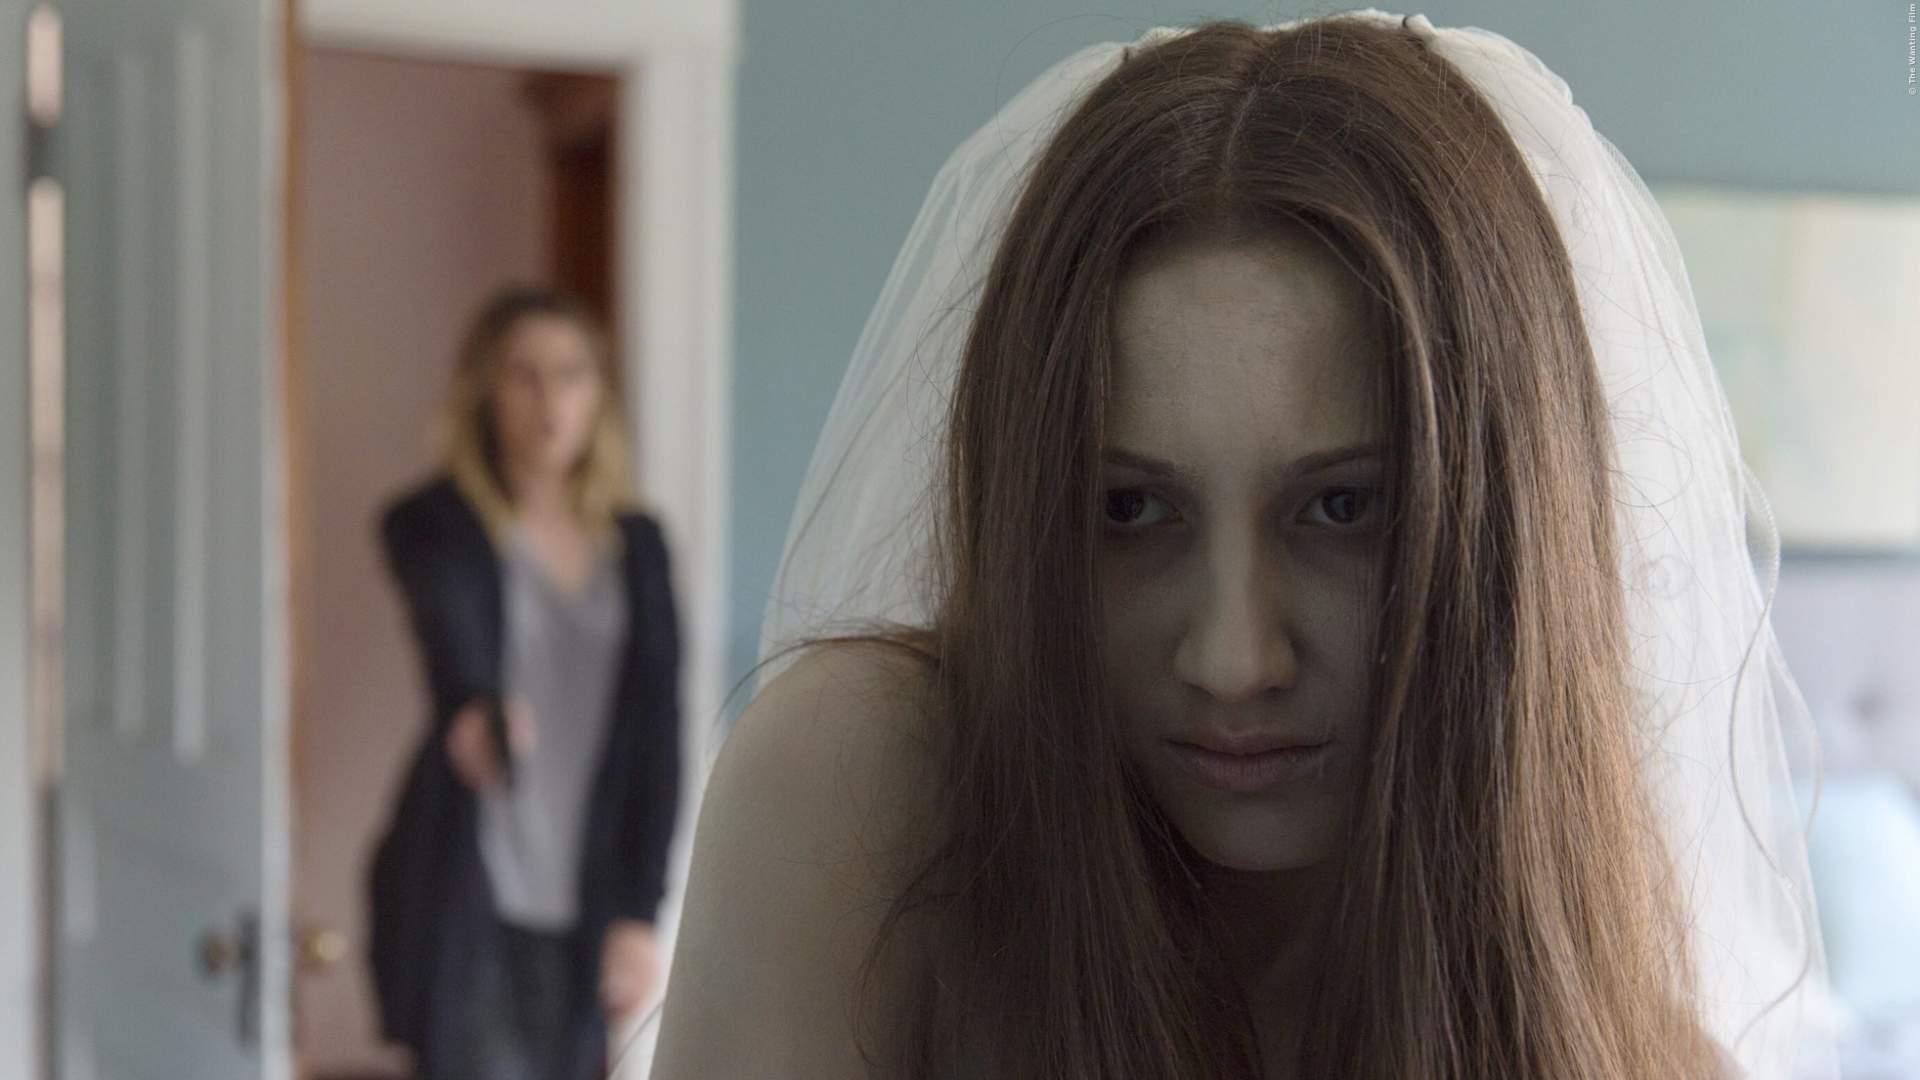 SCHOCKER: Nach 'Annabelle' kommt jetzt 'Isabelle' - Trailer zum Horrorfilm